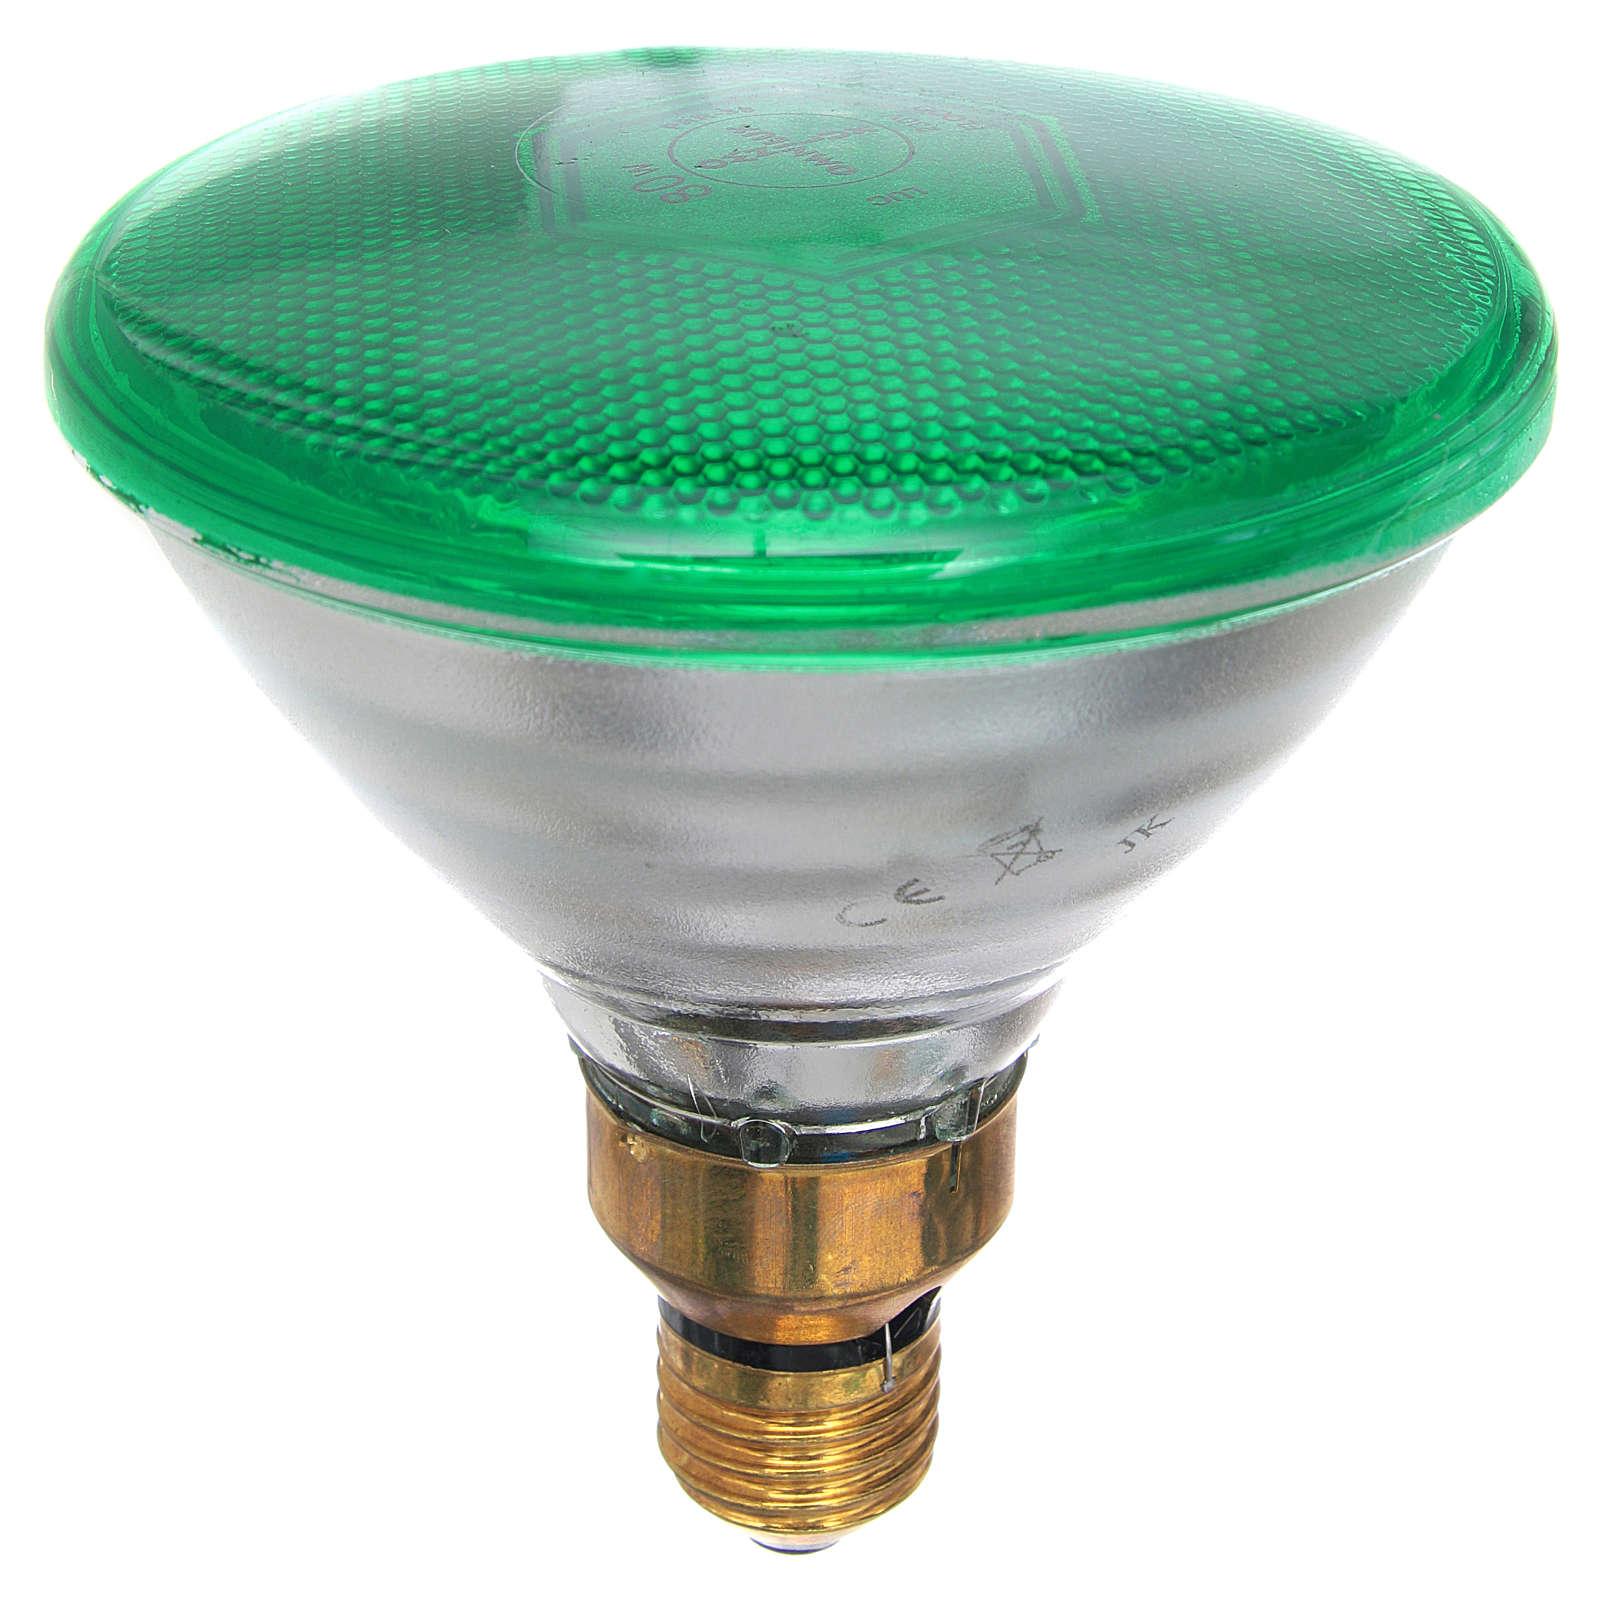 Ampoule colorée 80W E27 illumination crèche noël vert 4